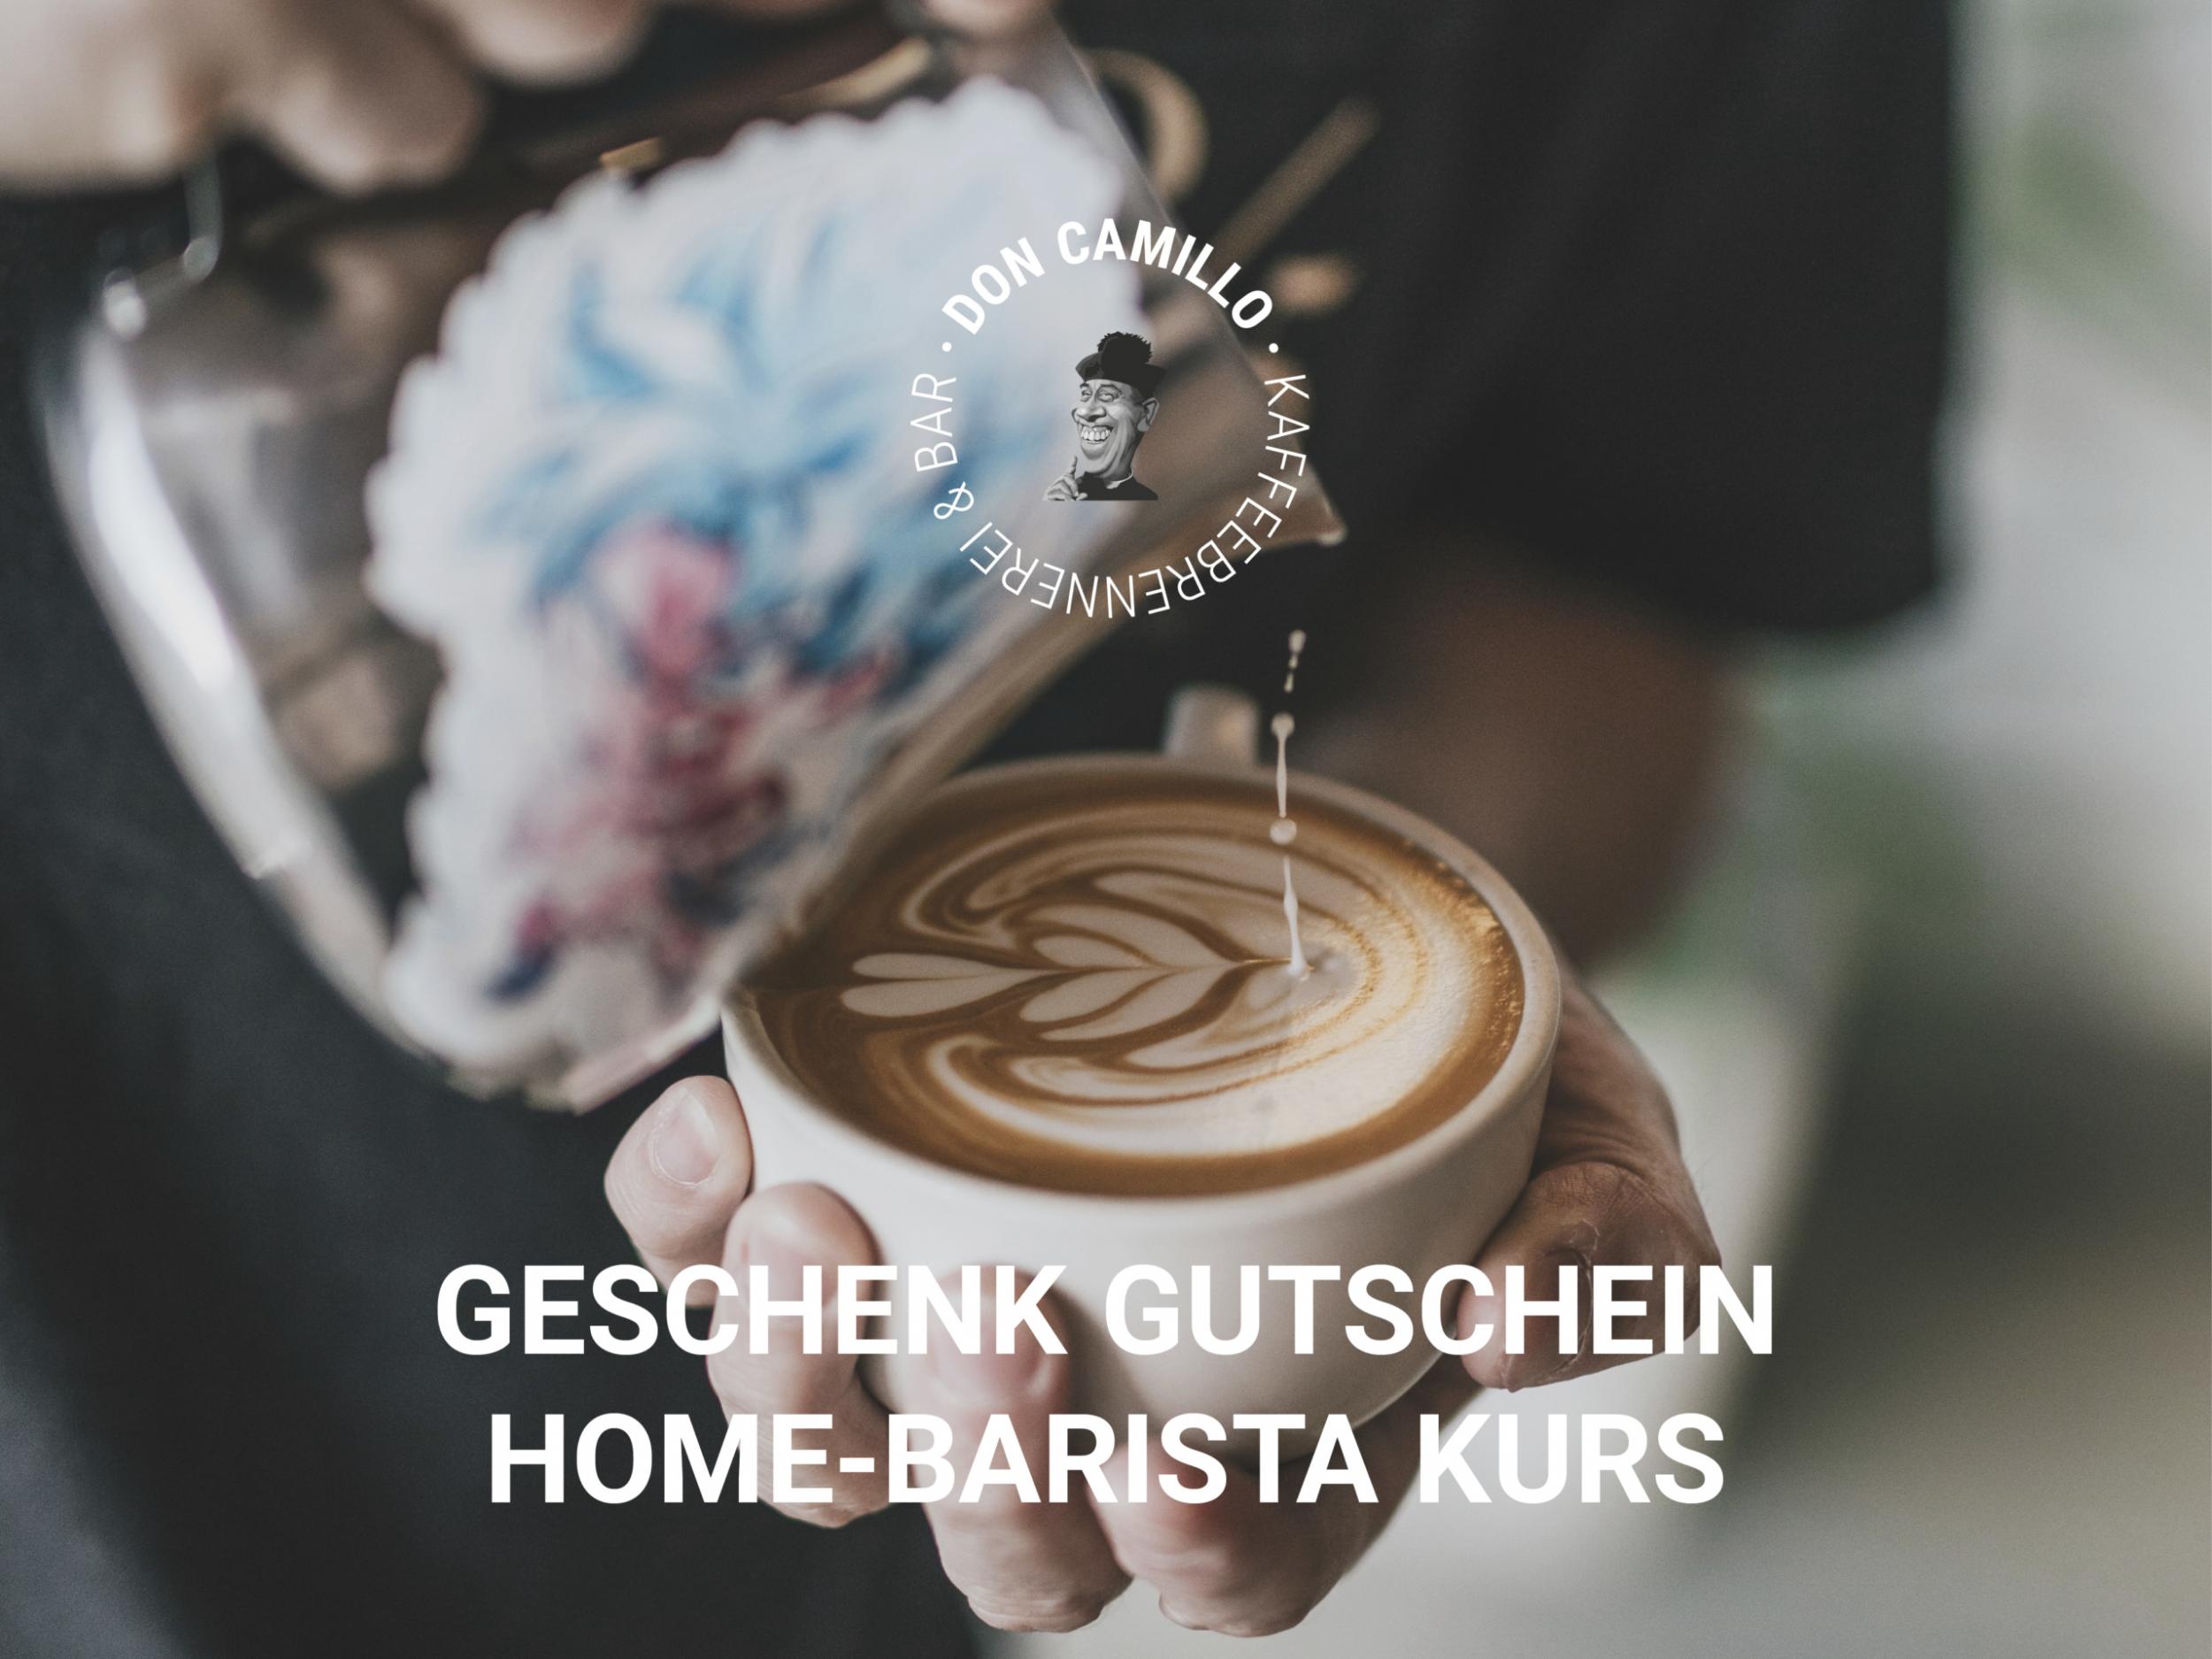 Geschenk Gutschein Home-Barista Kurs